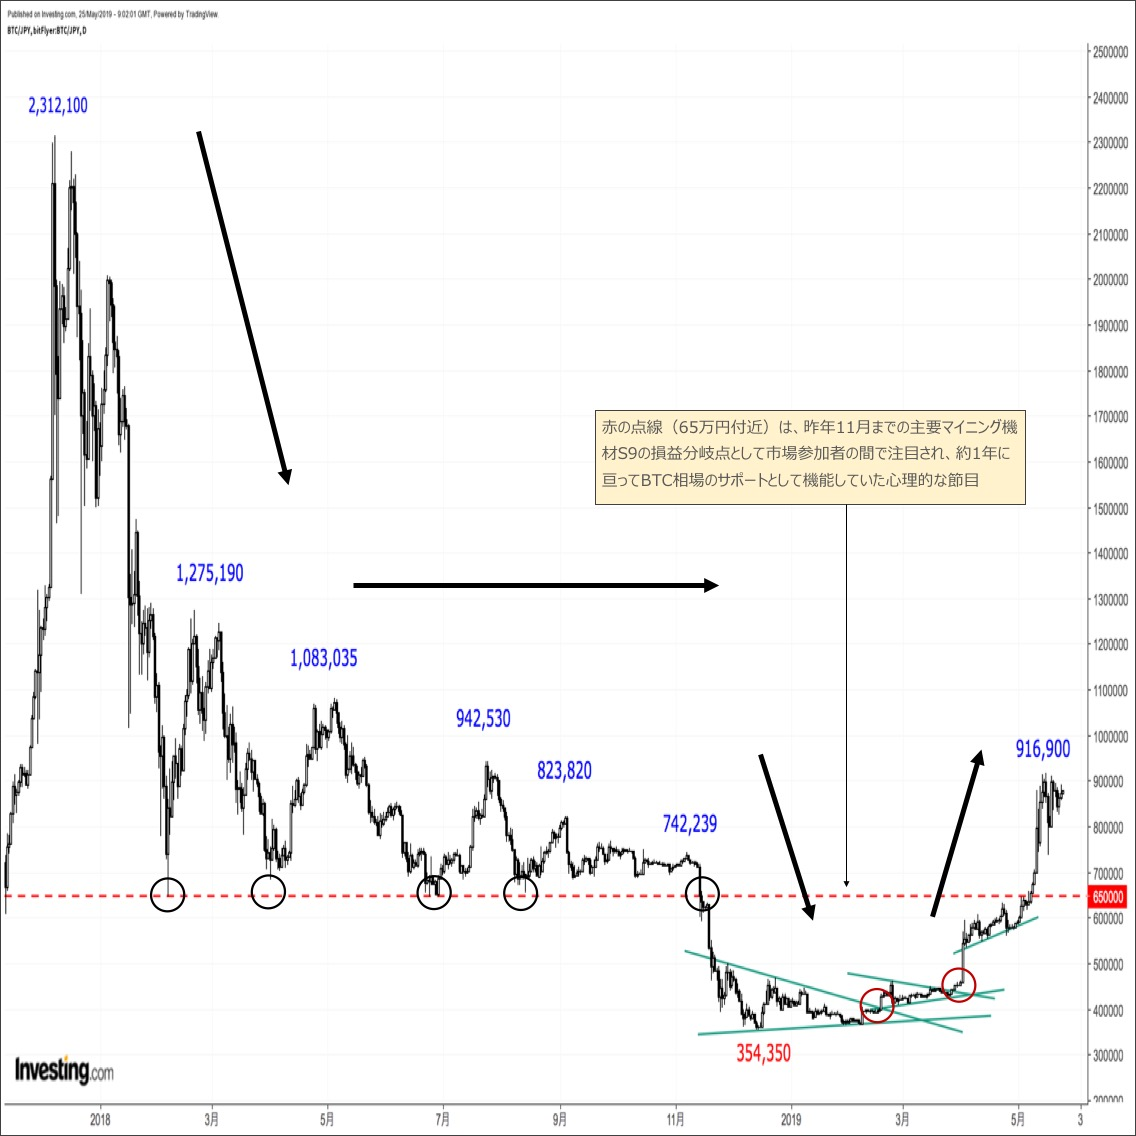 ビットコイン相場のテクニカル分析(2019年5月下旬)